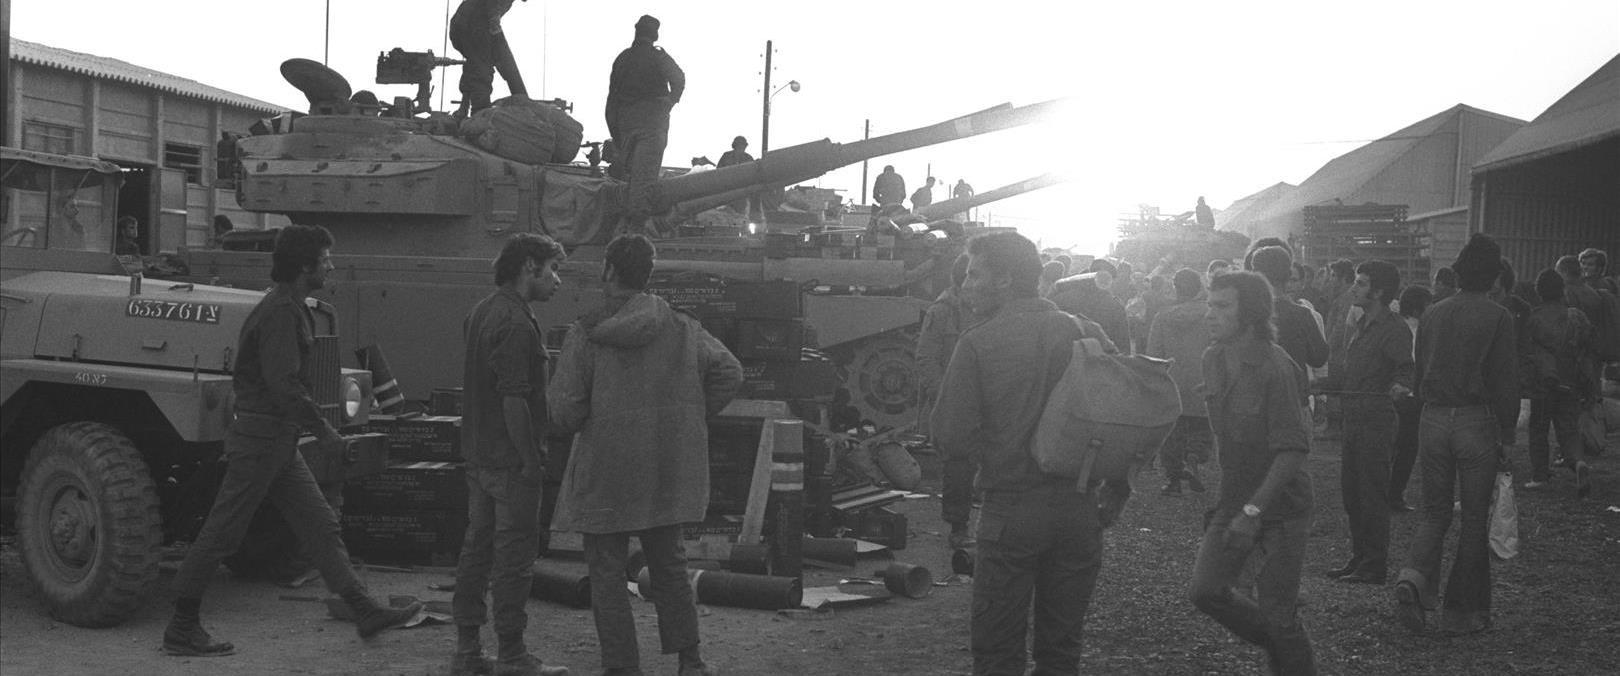 חיילים במלחמת יום הכיפורים